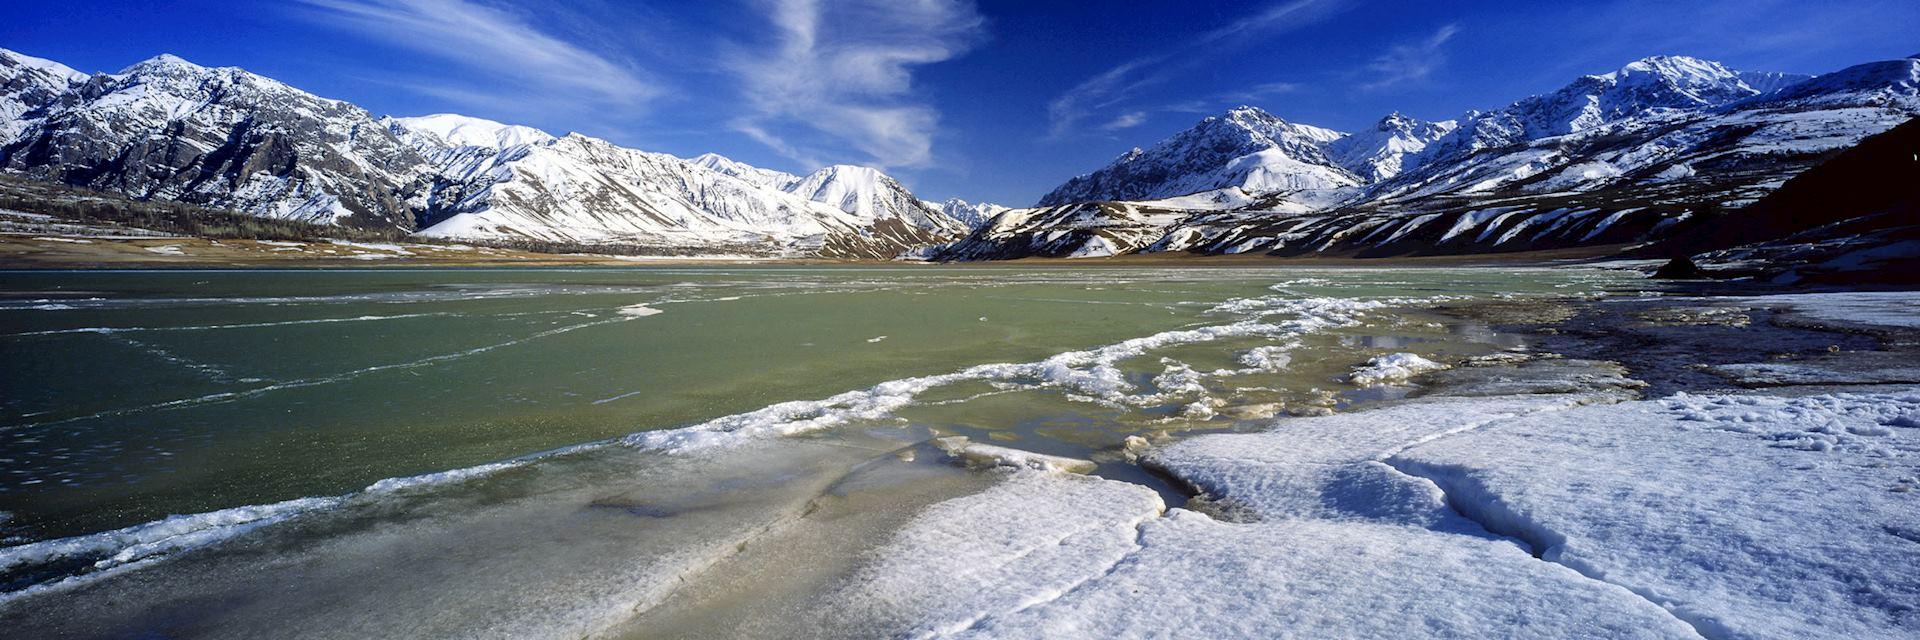 Uzbekistan spring landscape